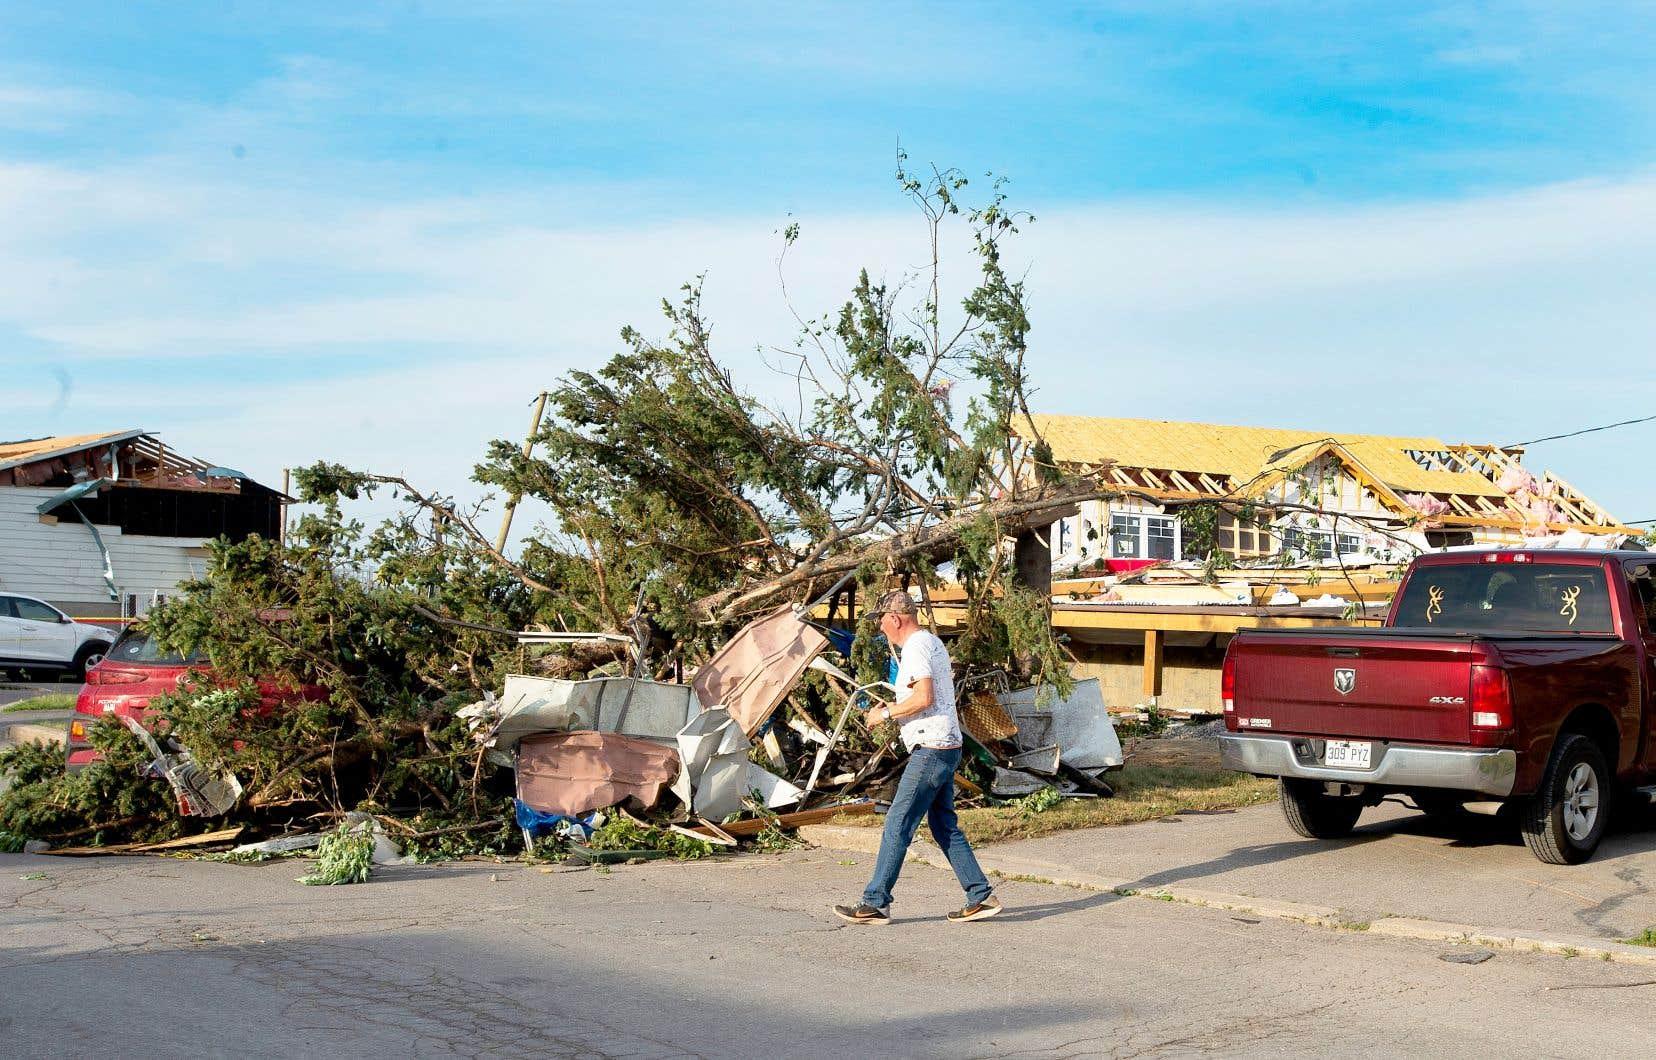 Même si Environnement Canada doit encore enquêter pour préciser l'intensité de la tornade qui a causé d'importants dégâts et fait un mort à Mascouche, le météorologue Steve Boily explique que l'événement serait possiblement «de catégorie F2», avec des vents de près de 200 km/h.